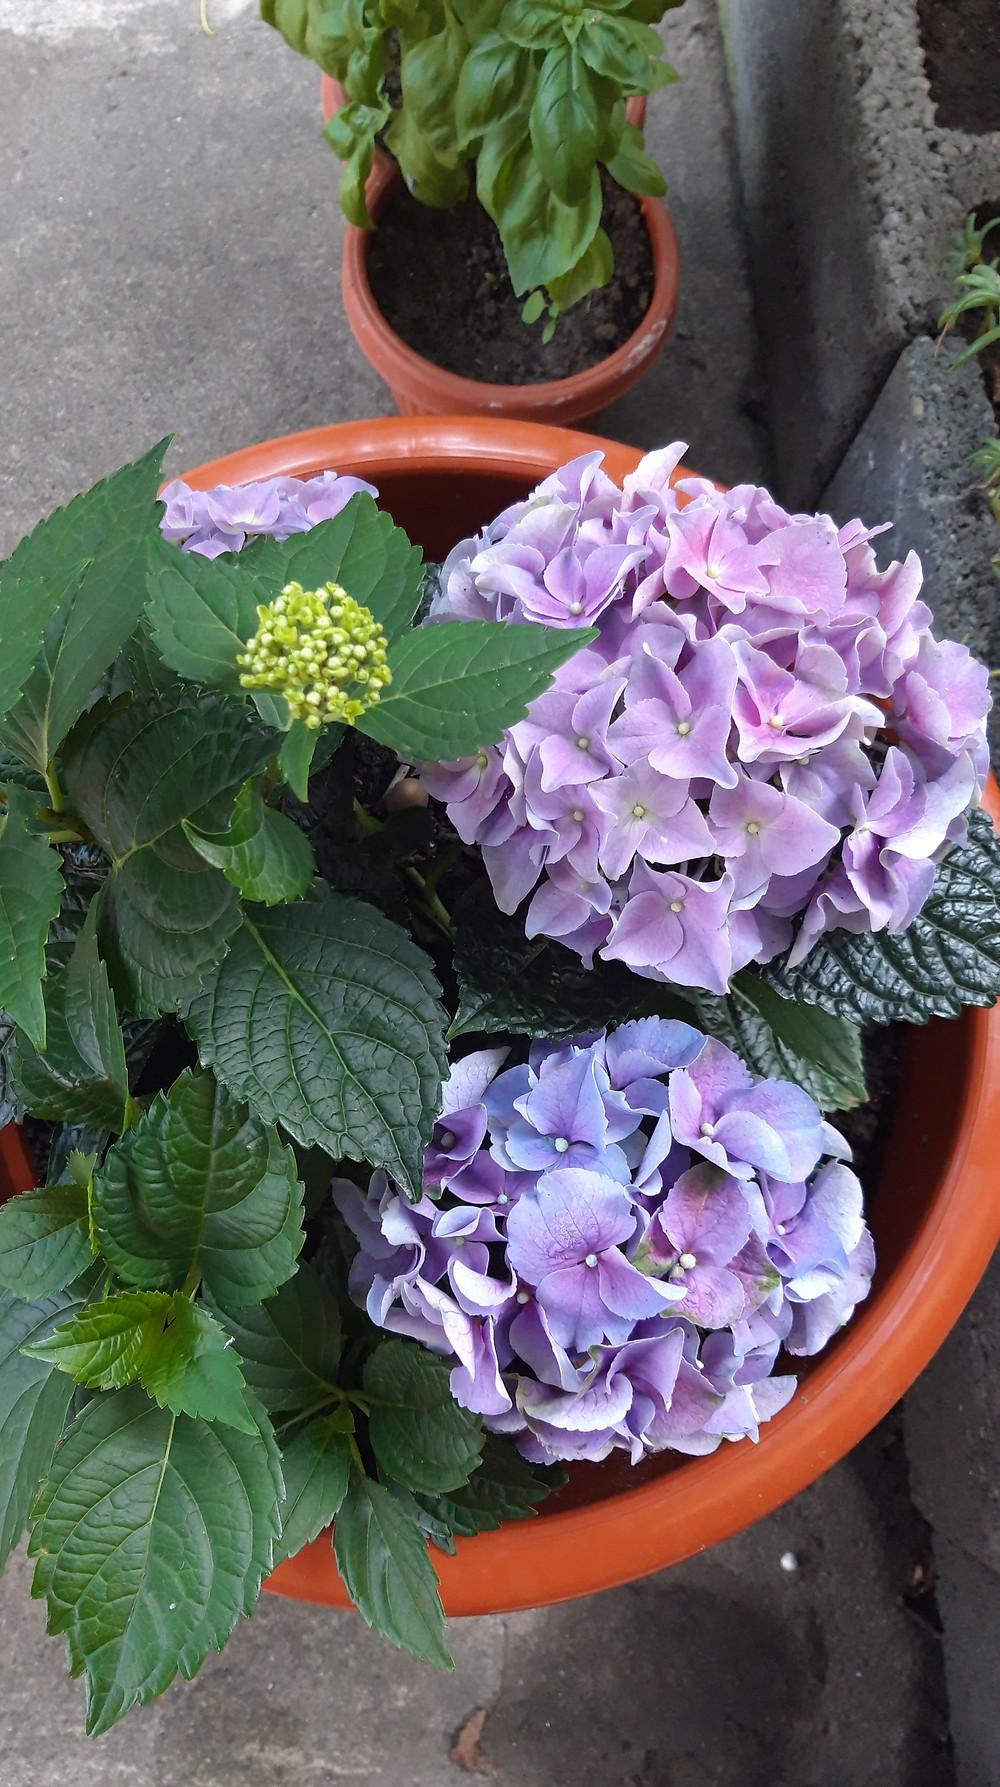 Purple Hydrangeas Flowers